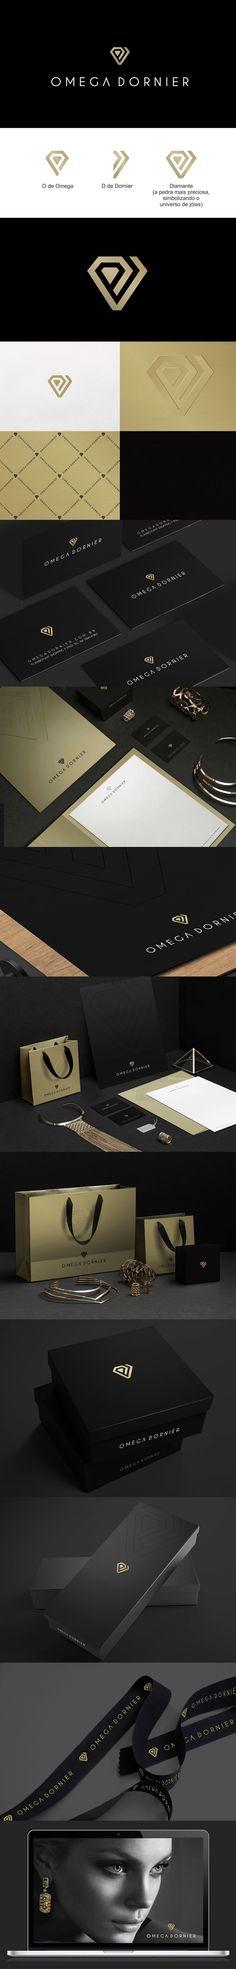 Reposicionamento da marca Omega Dornier, uma das maisores marcas goianas no segmento de joias. Projeto: Branding (marca e Identidade corporativa) e MKT designer: Priscila Áquila